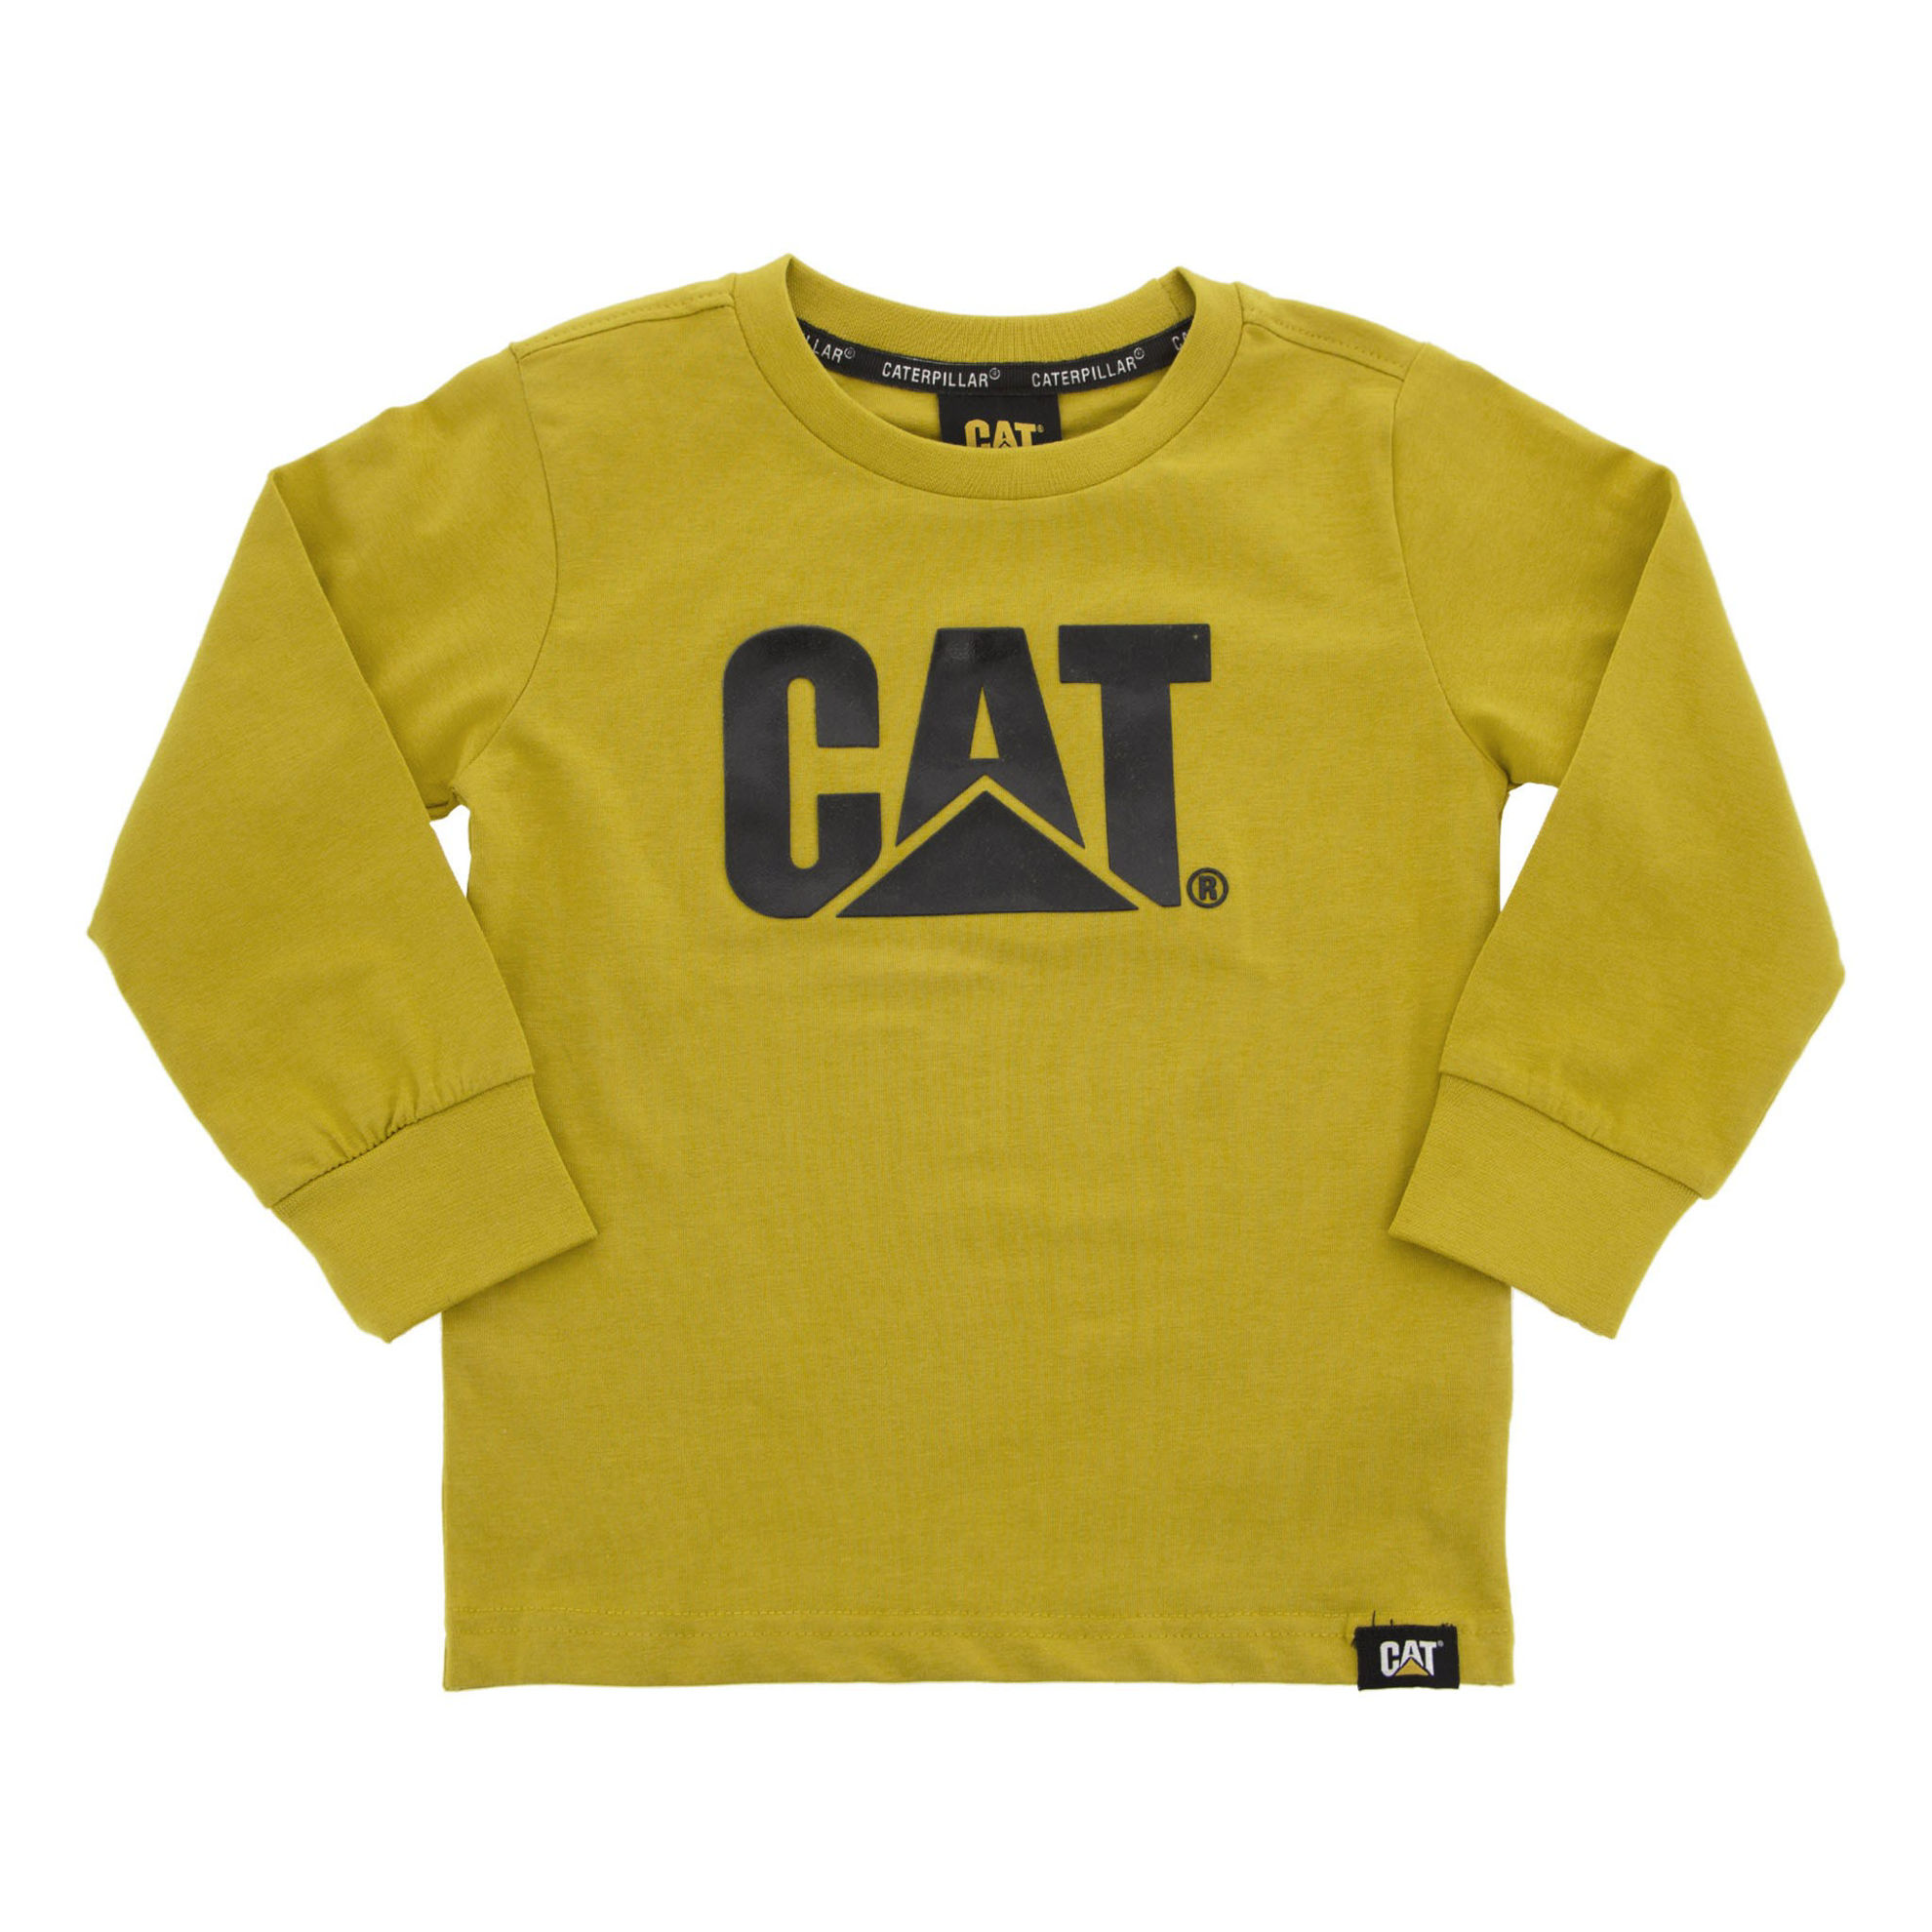 Immagine di CATERPILLAR - BOY TSHIRT MANICA LUNGA CAT